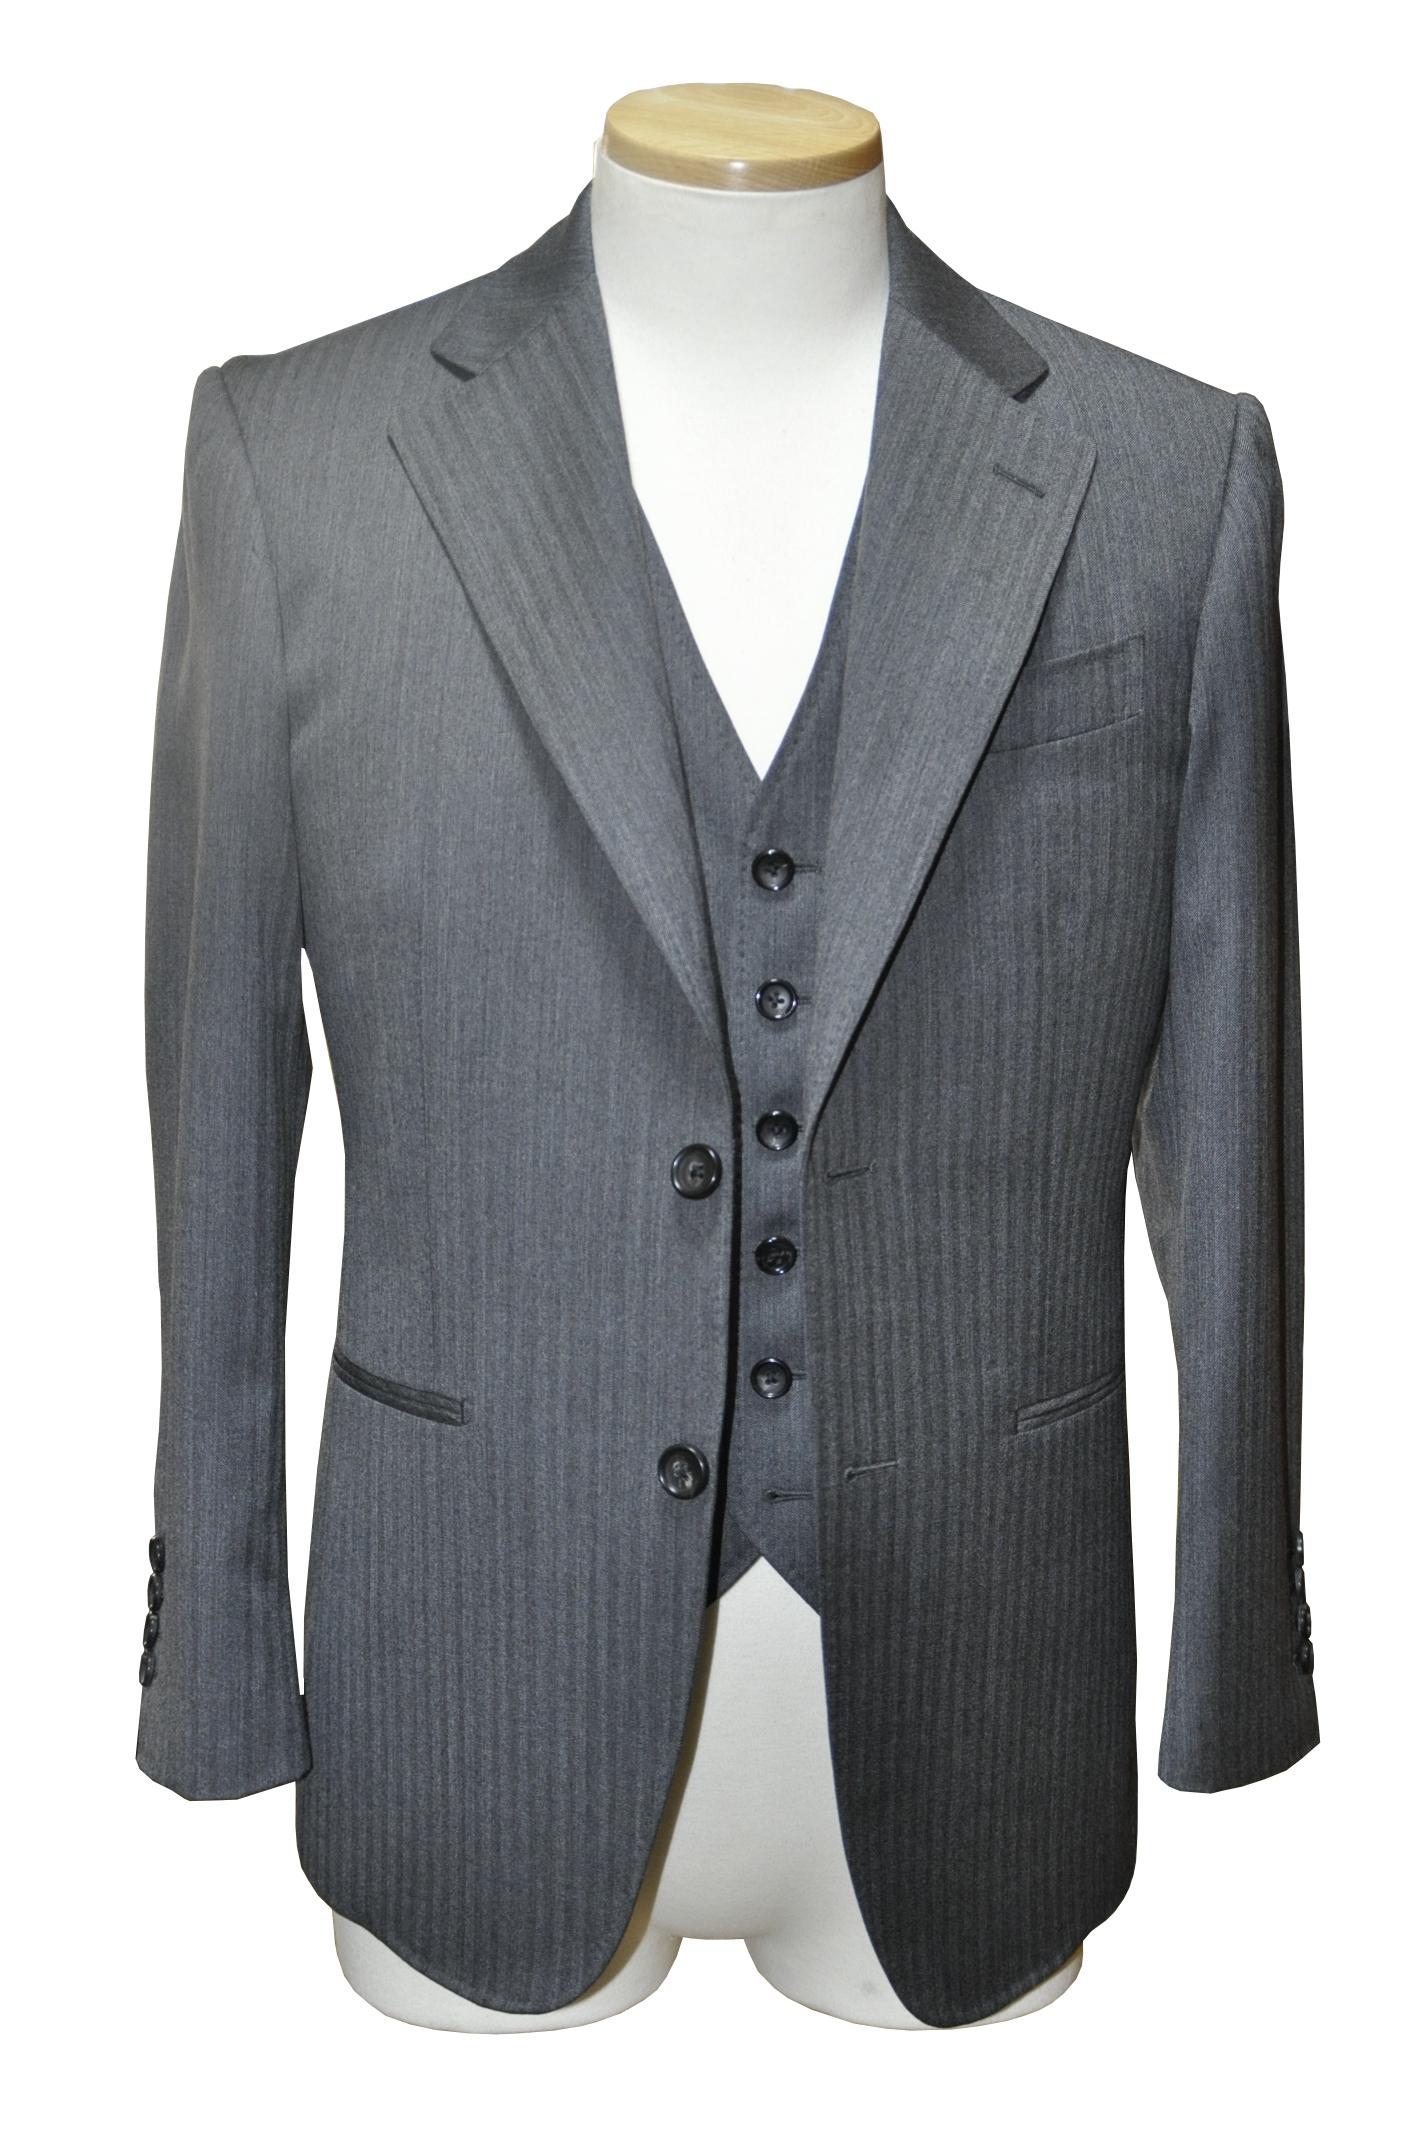 kg41 ジャケットの形状 名古屋の完全予約制オーダースーツ専門店DEFFERT